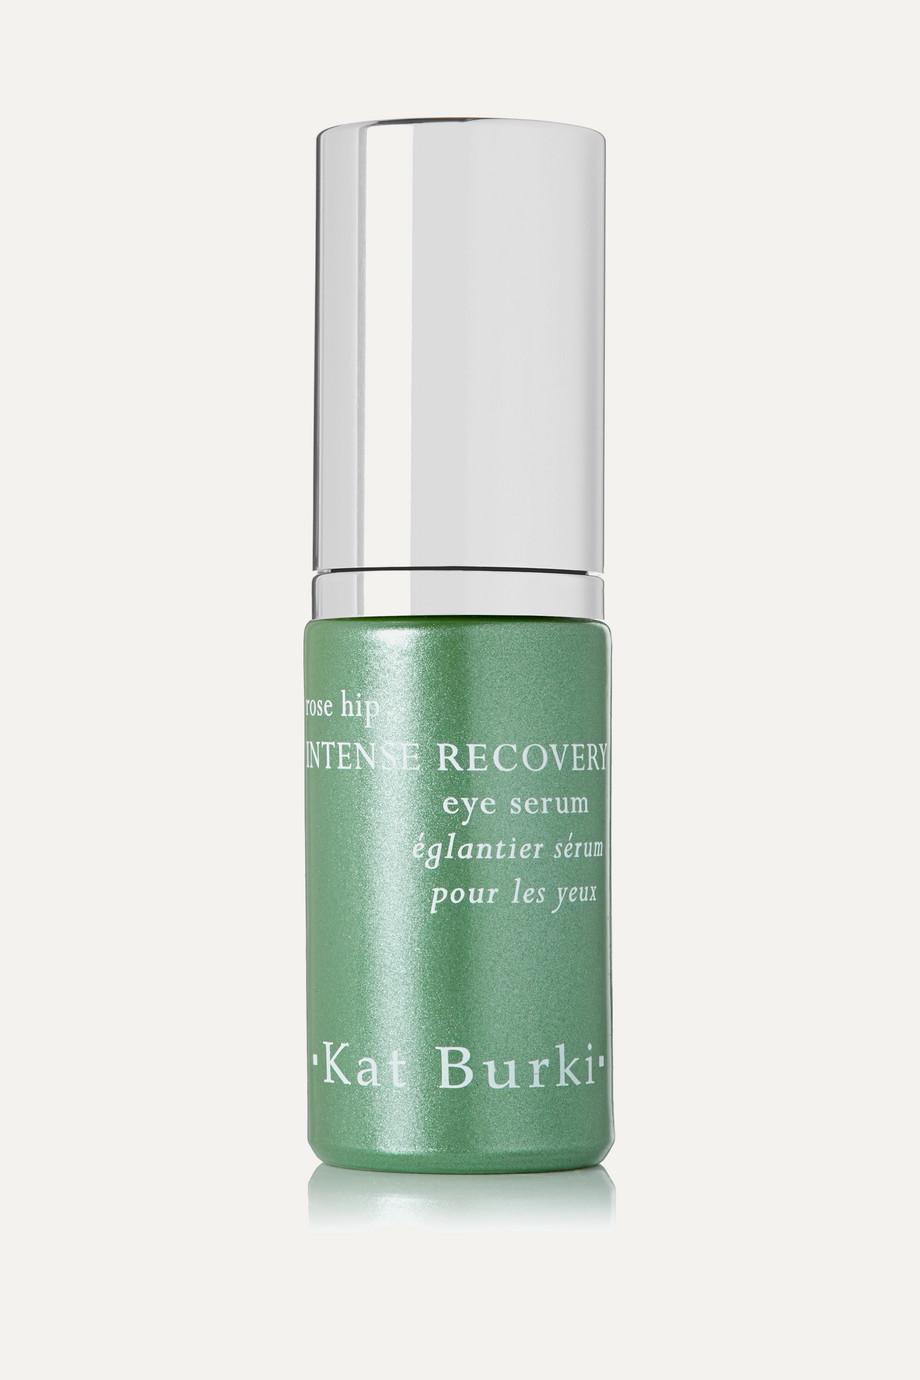 Kat Burki Rose Hip Intense Recovery Eye Serum, 15ml